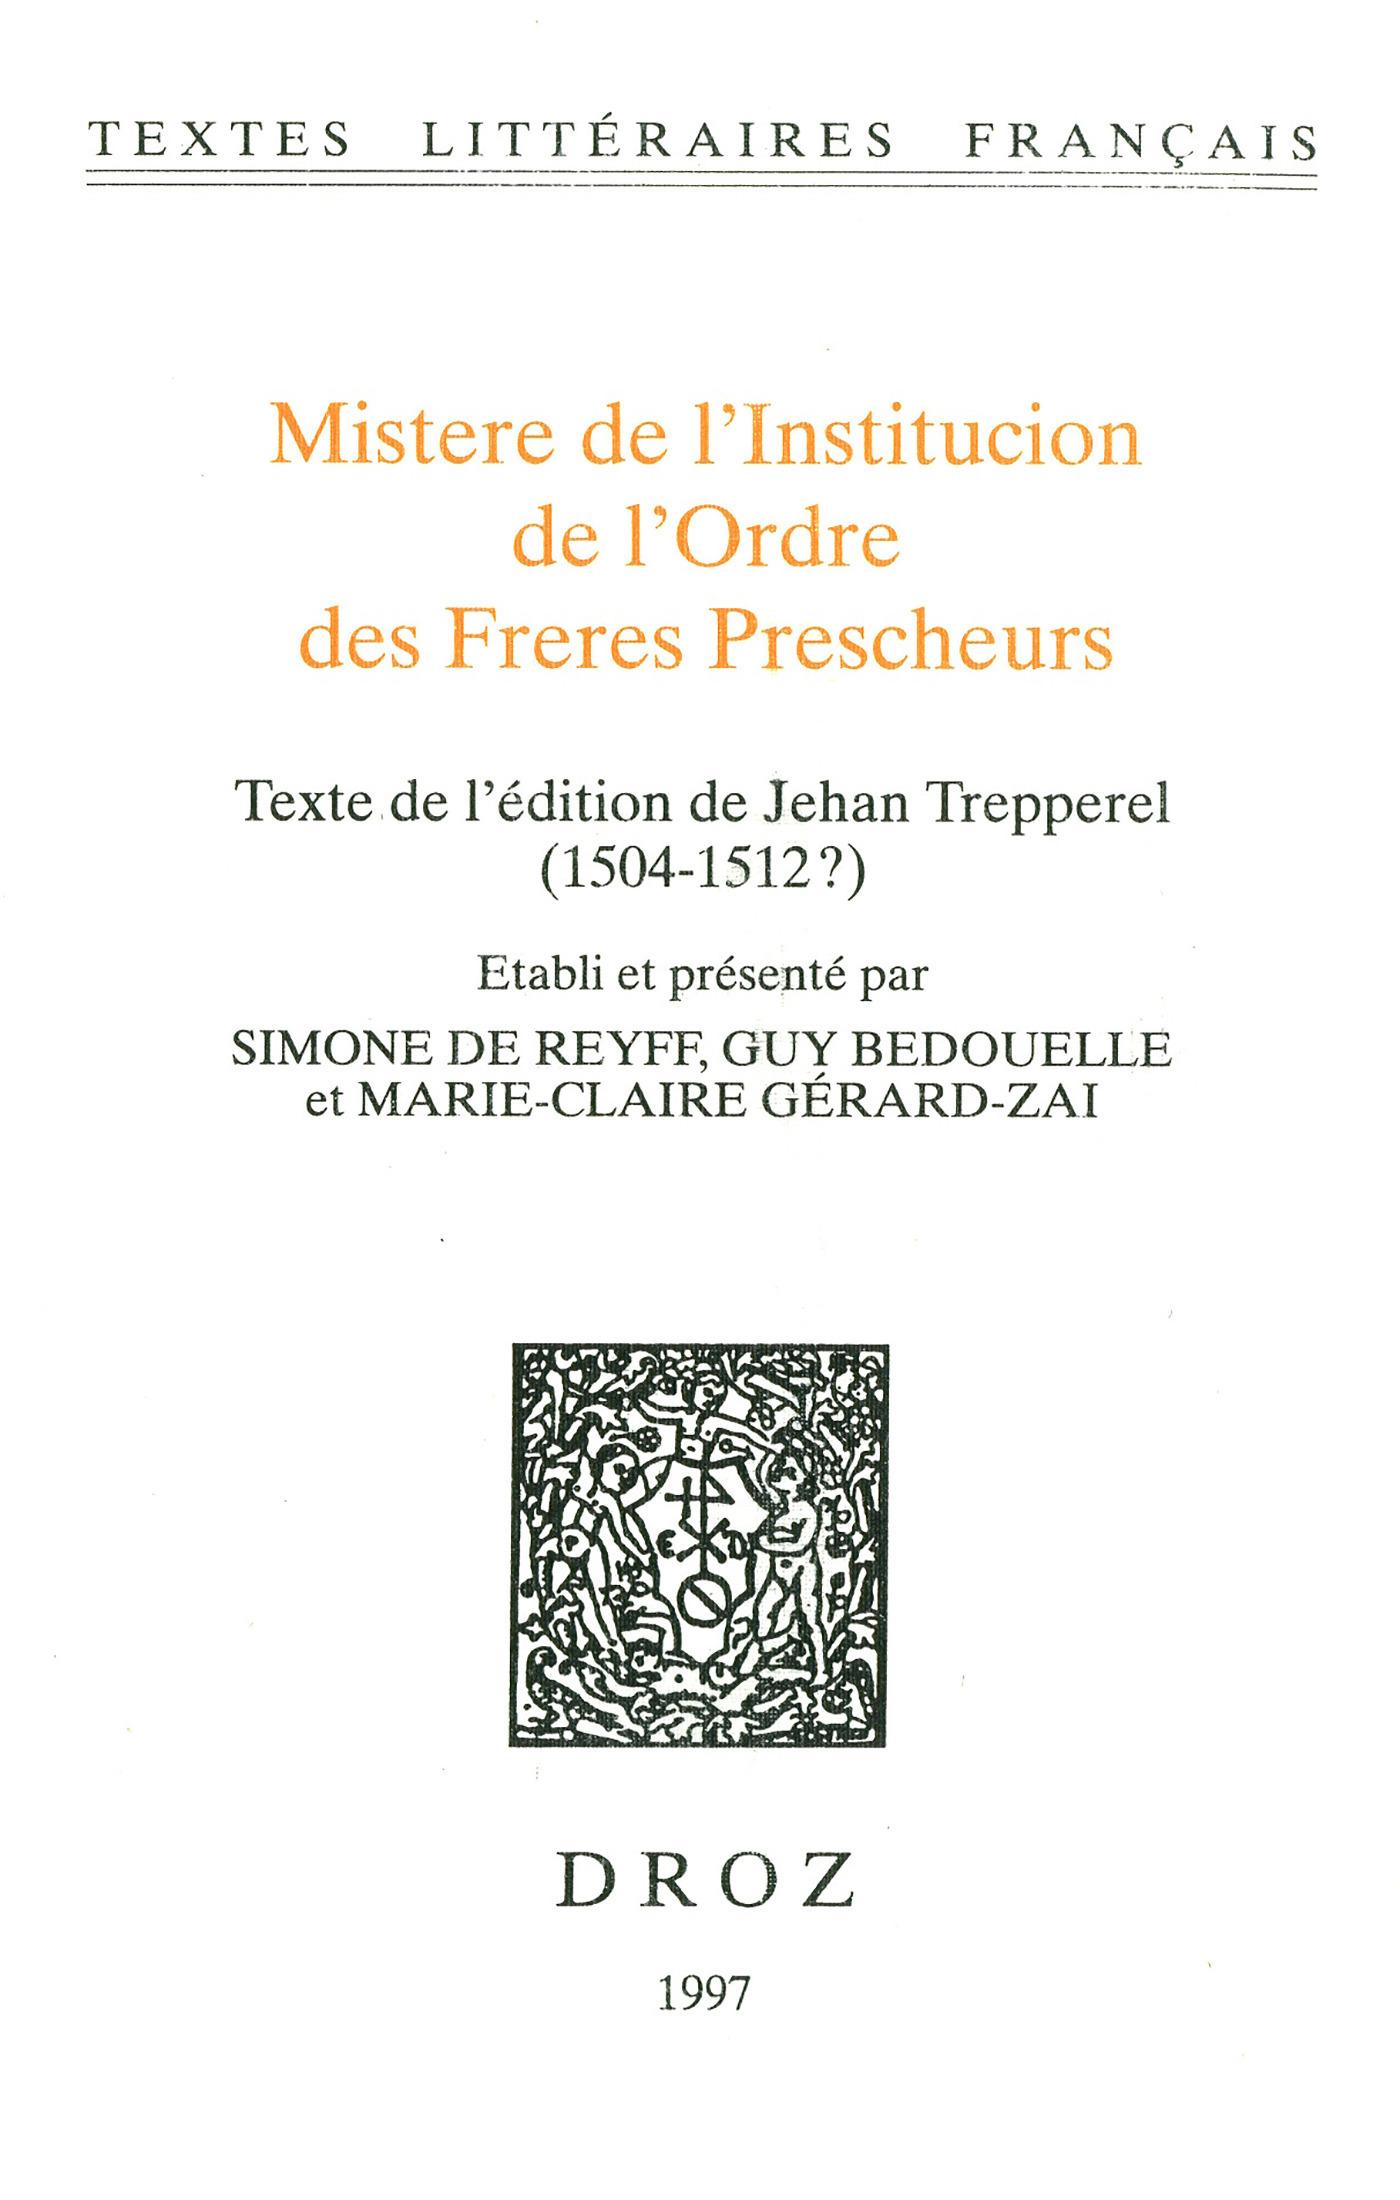 Mistere de l´Institucion de l´Ordre des Freres Prescheurs. Texte de l'édition de Jehan Trepperel (1504-1512?)  - Guy BEDOUELLE  - Marie-Claire Gérard-Zai  - Simone de Reyff